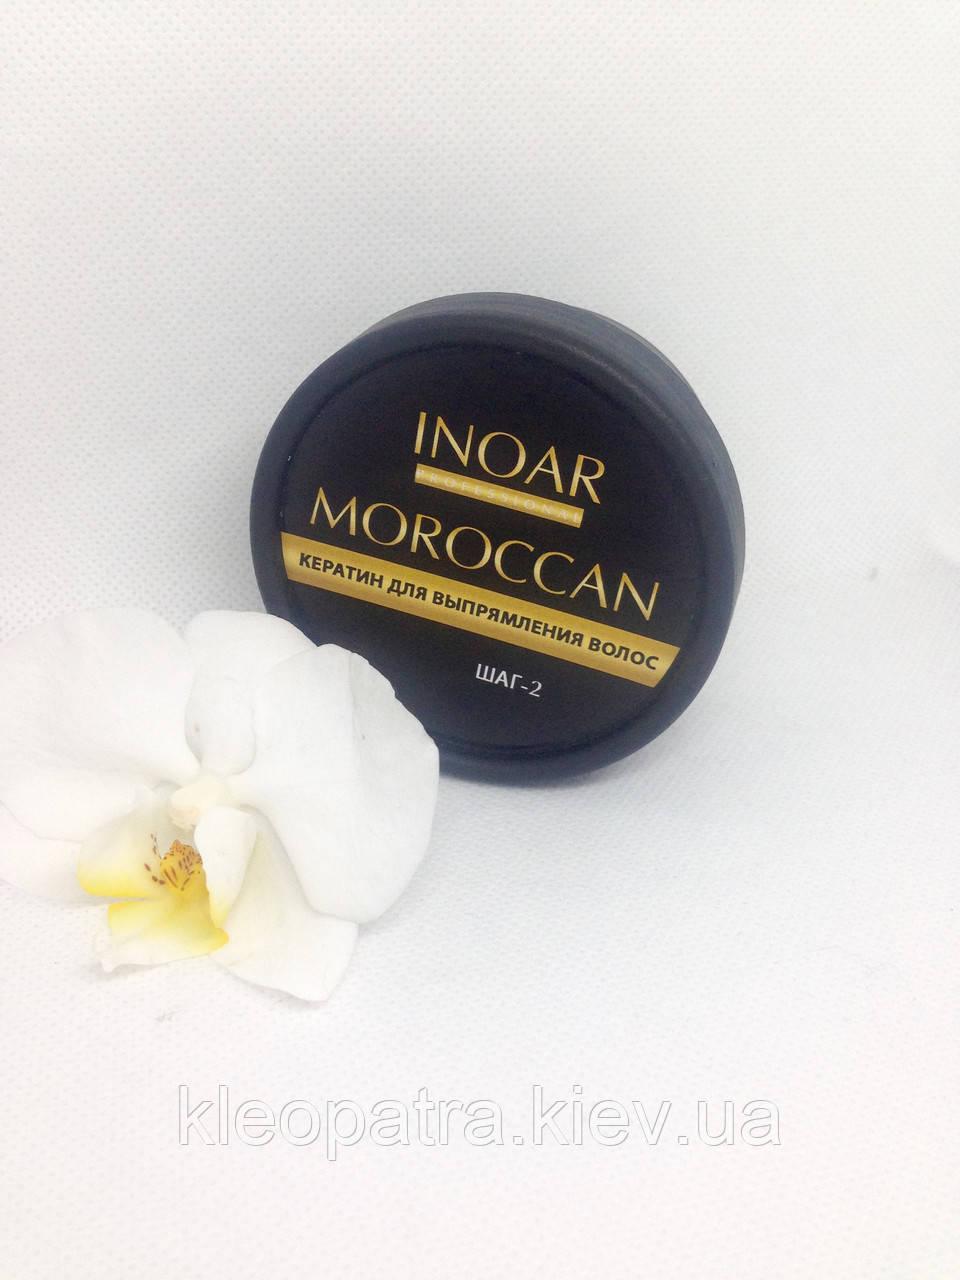 Кератин для поврежденных волос Иноар Марокко inoar, 50 мл